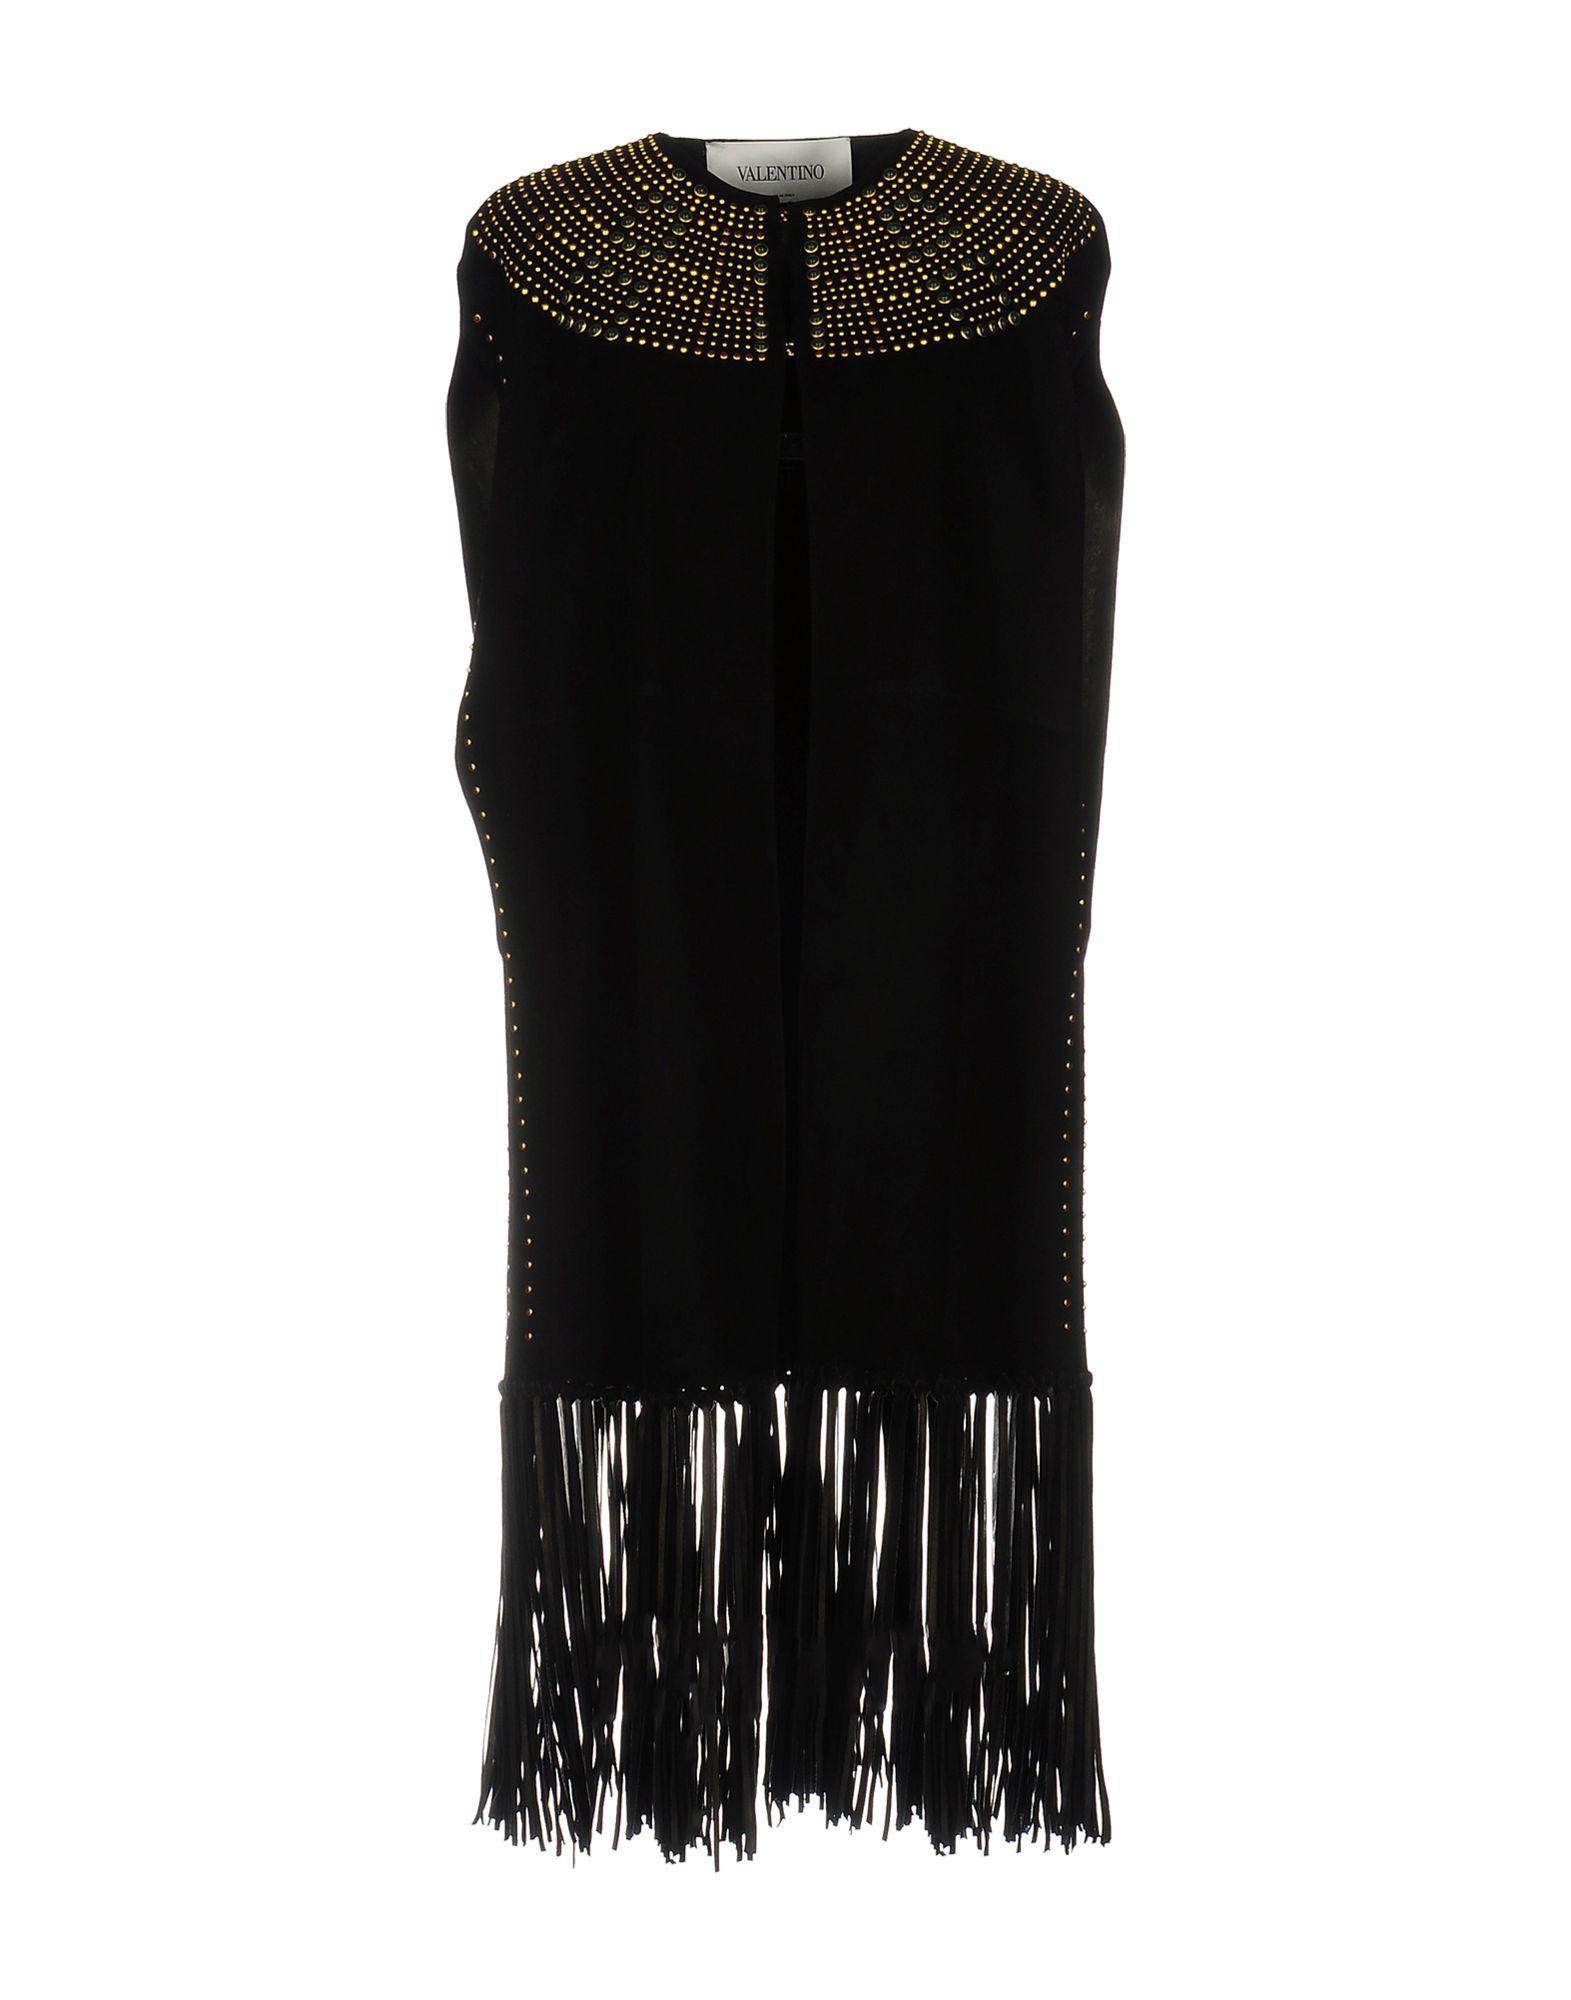 VALENTINO Damen Lange Jacke Farbe Schwarz Größe 4 jetztbilligerkaufen